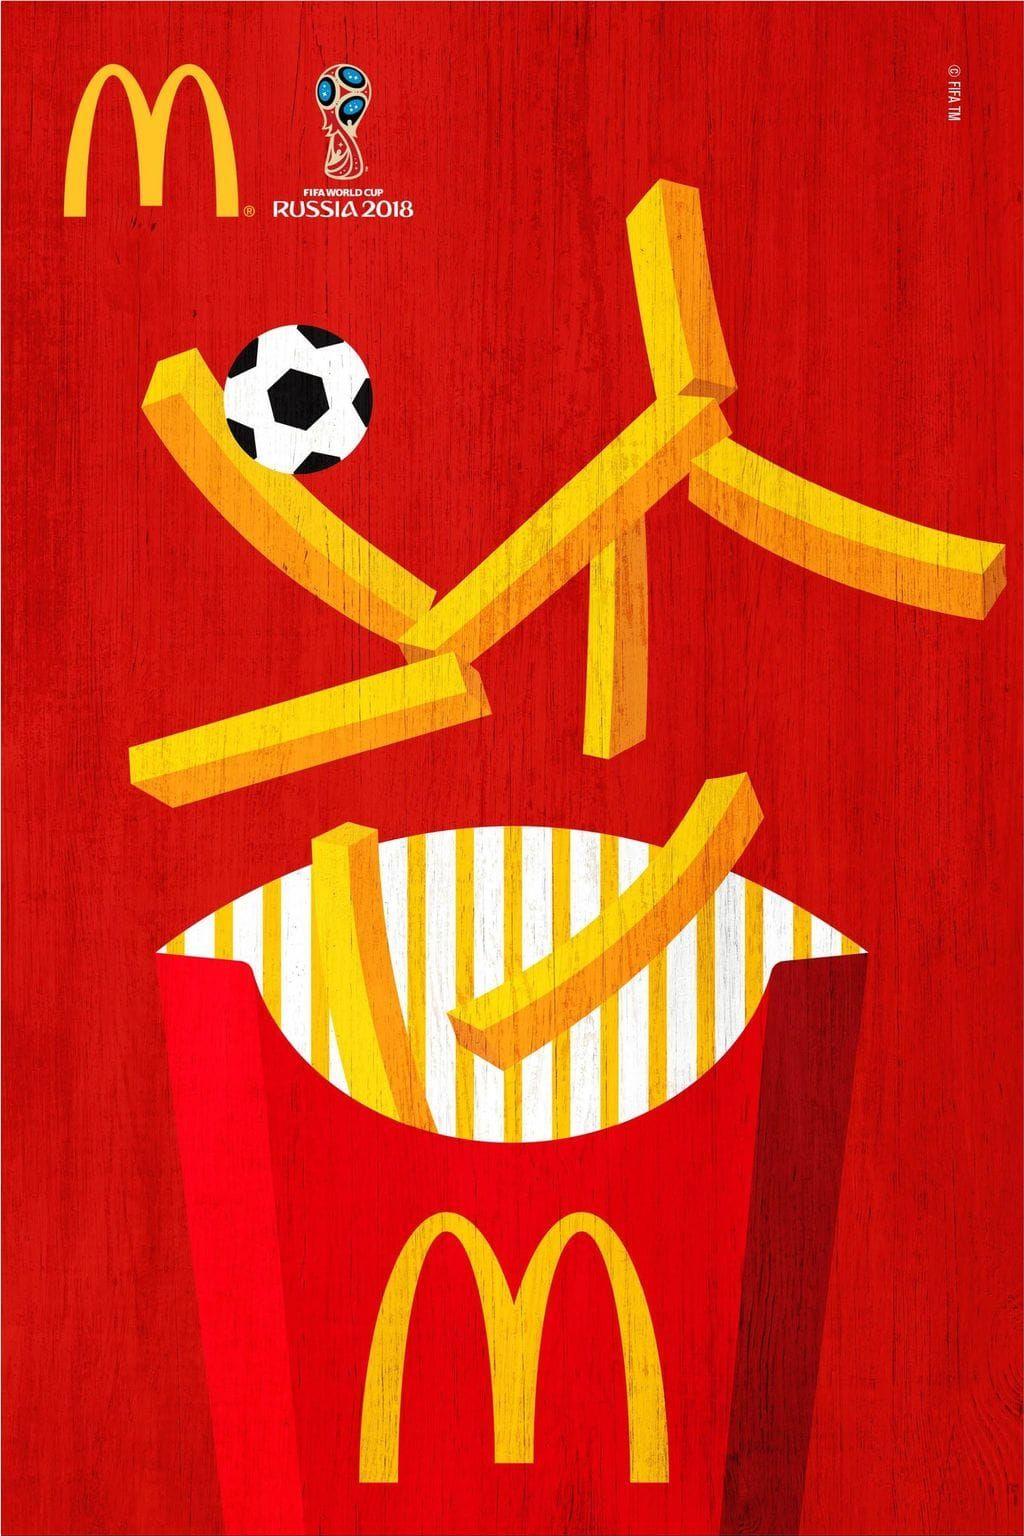 Download Budweiser World Cup 2018 - McDonalds-FIFA-World-Cup-ads-04car42248  Snapshot_227997 .jpg